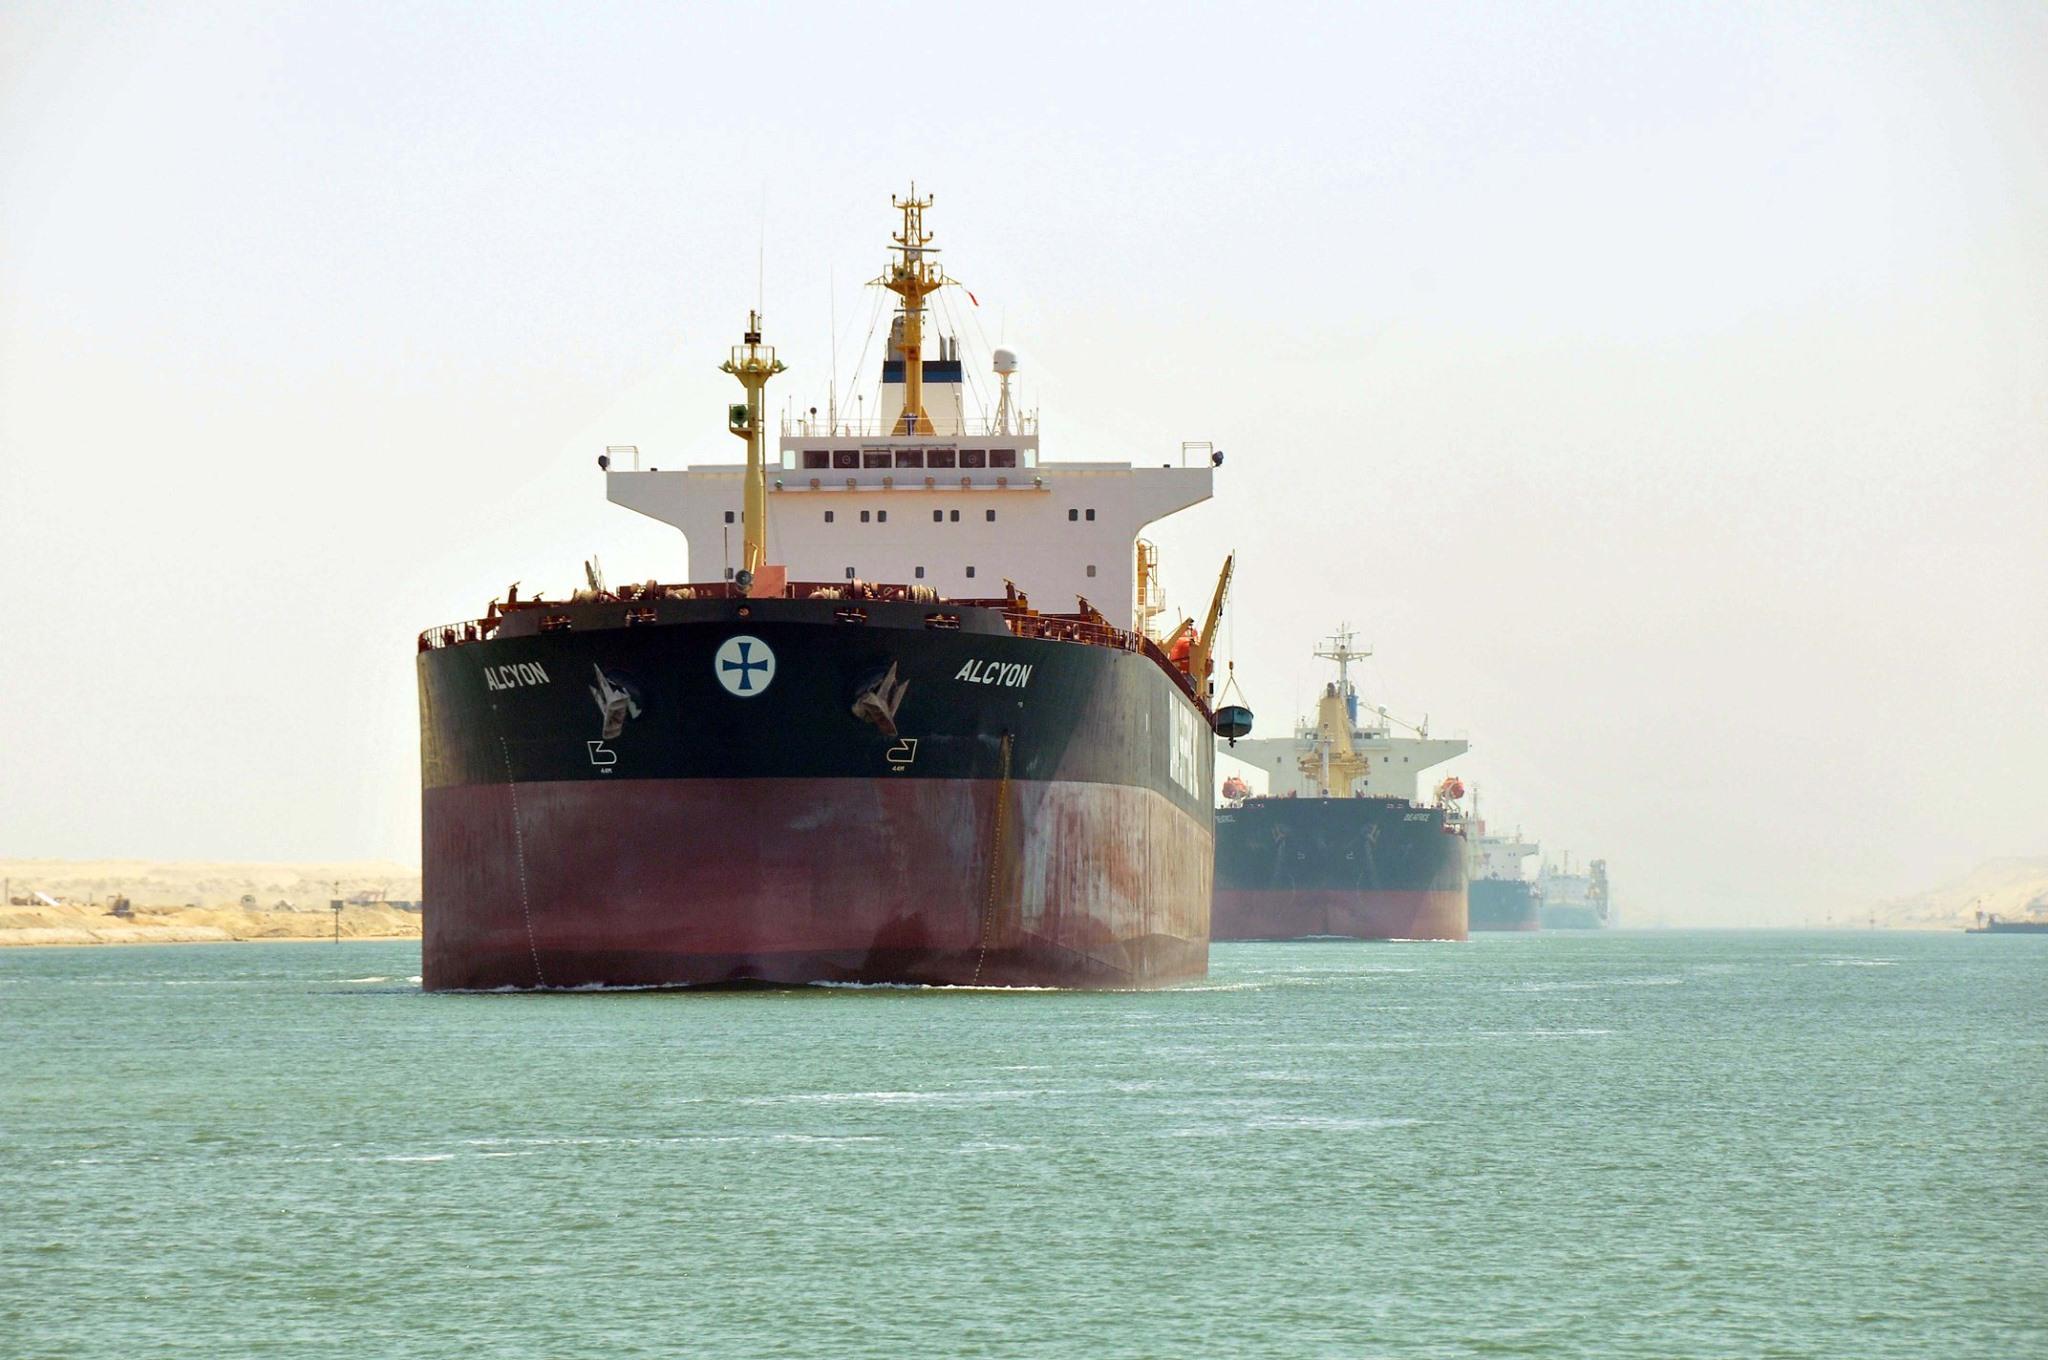 قناة السويس تنفى تراجع الإيرادات 20% بالتزامن مع اتخاذ السفن مسارات بديلة